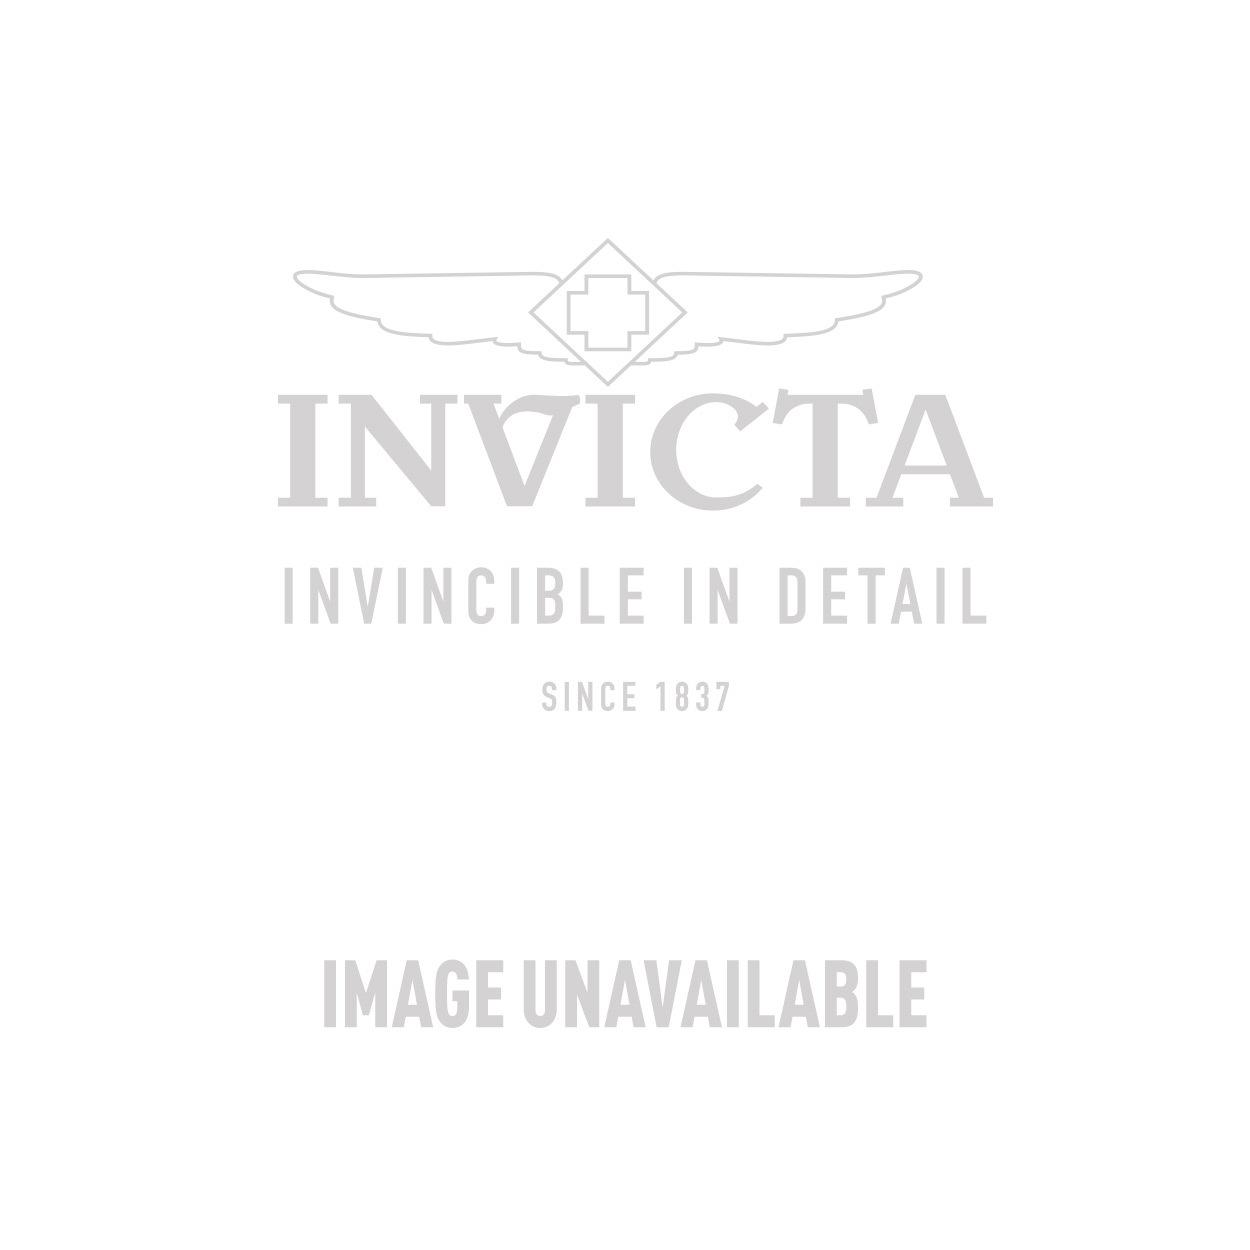 Invicta Model 26926